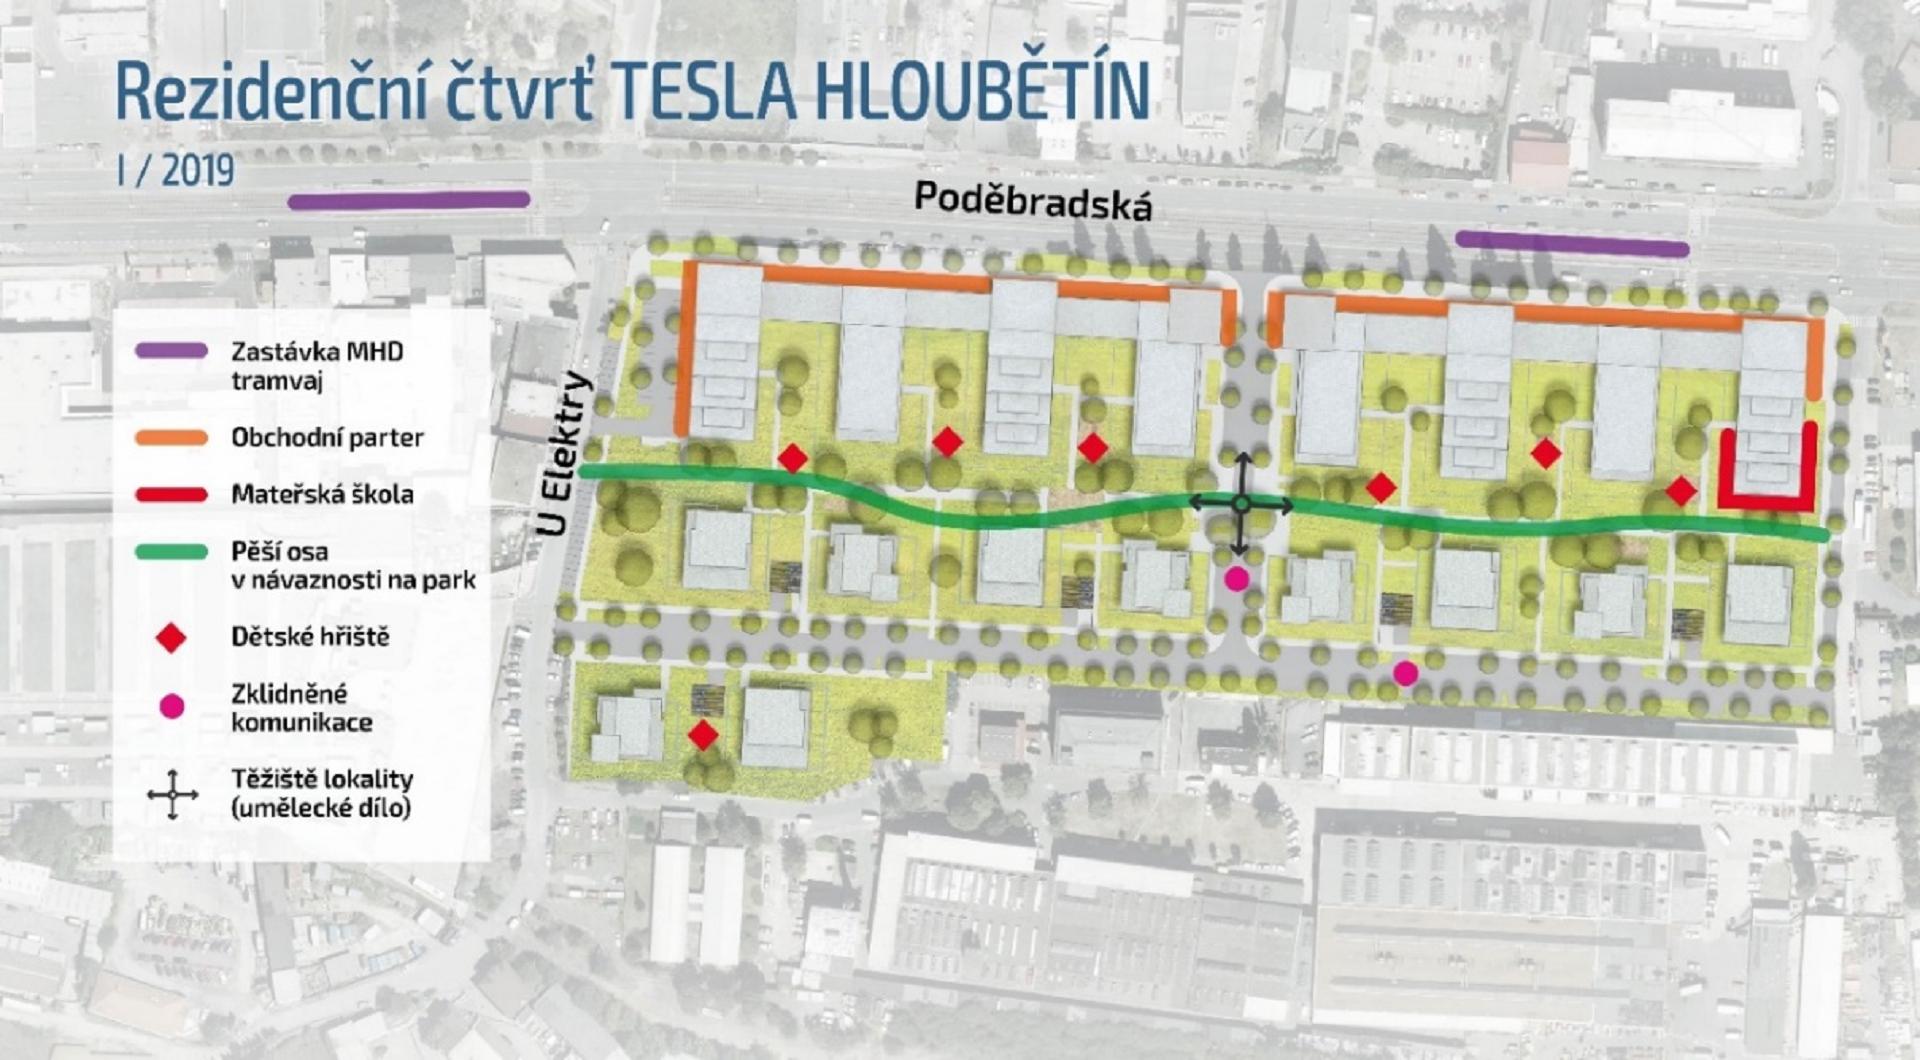 Na obzoru nová rezidenční čtvrť. Areál Tesly Hloubětín projde dynamickou proměnou!